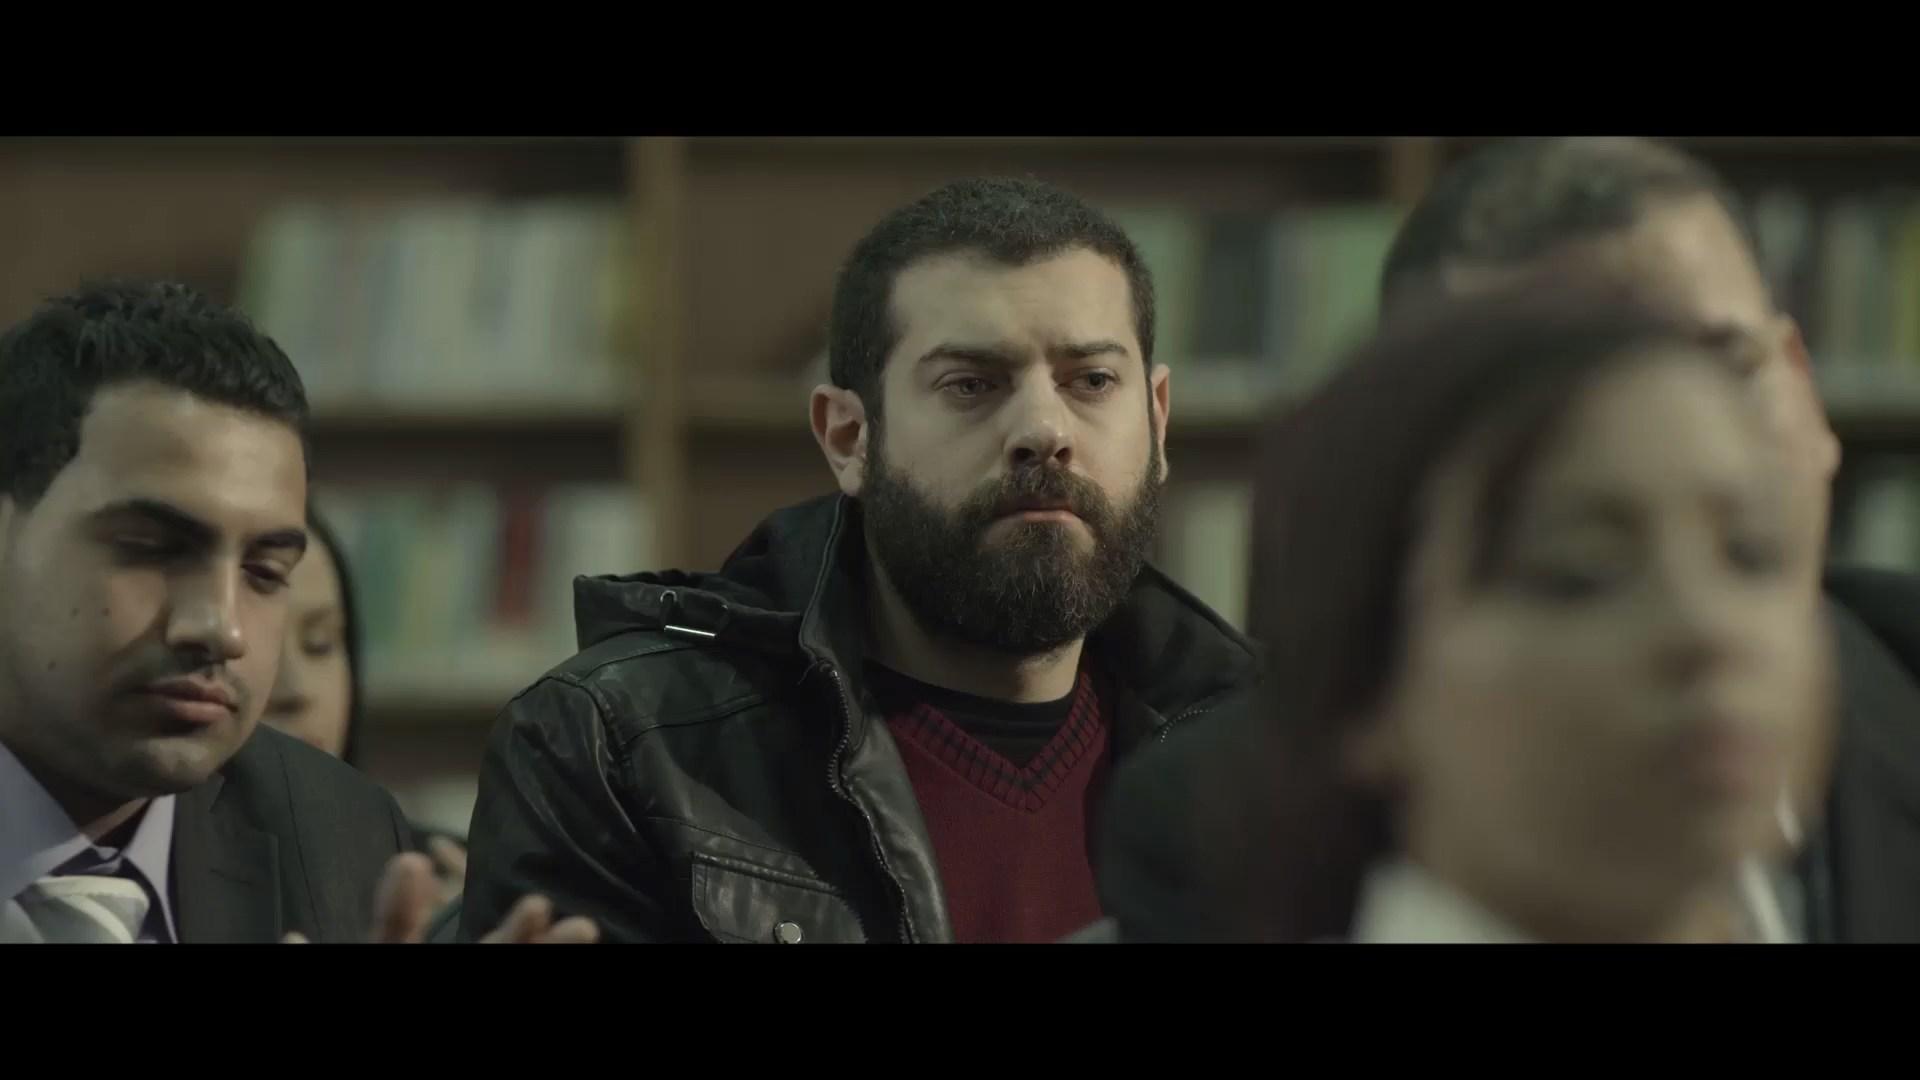 [فيلم][تورنت][تحميل][الثمن][2016][1080p][Web-DL] 5 arabp2p.com